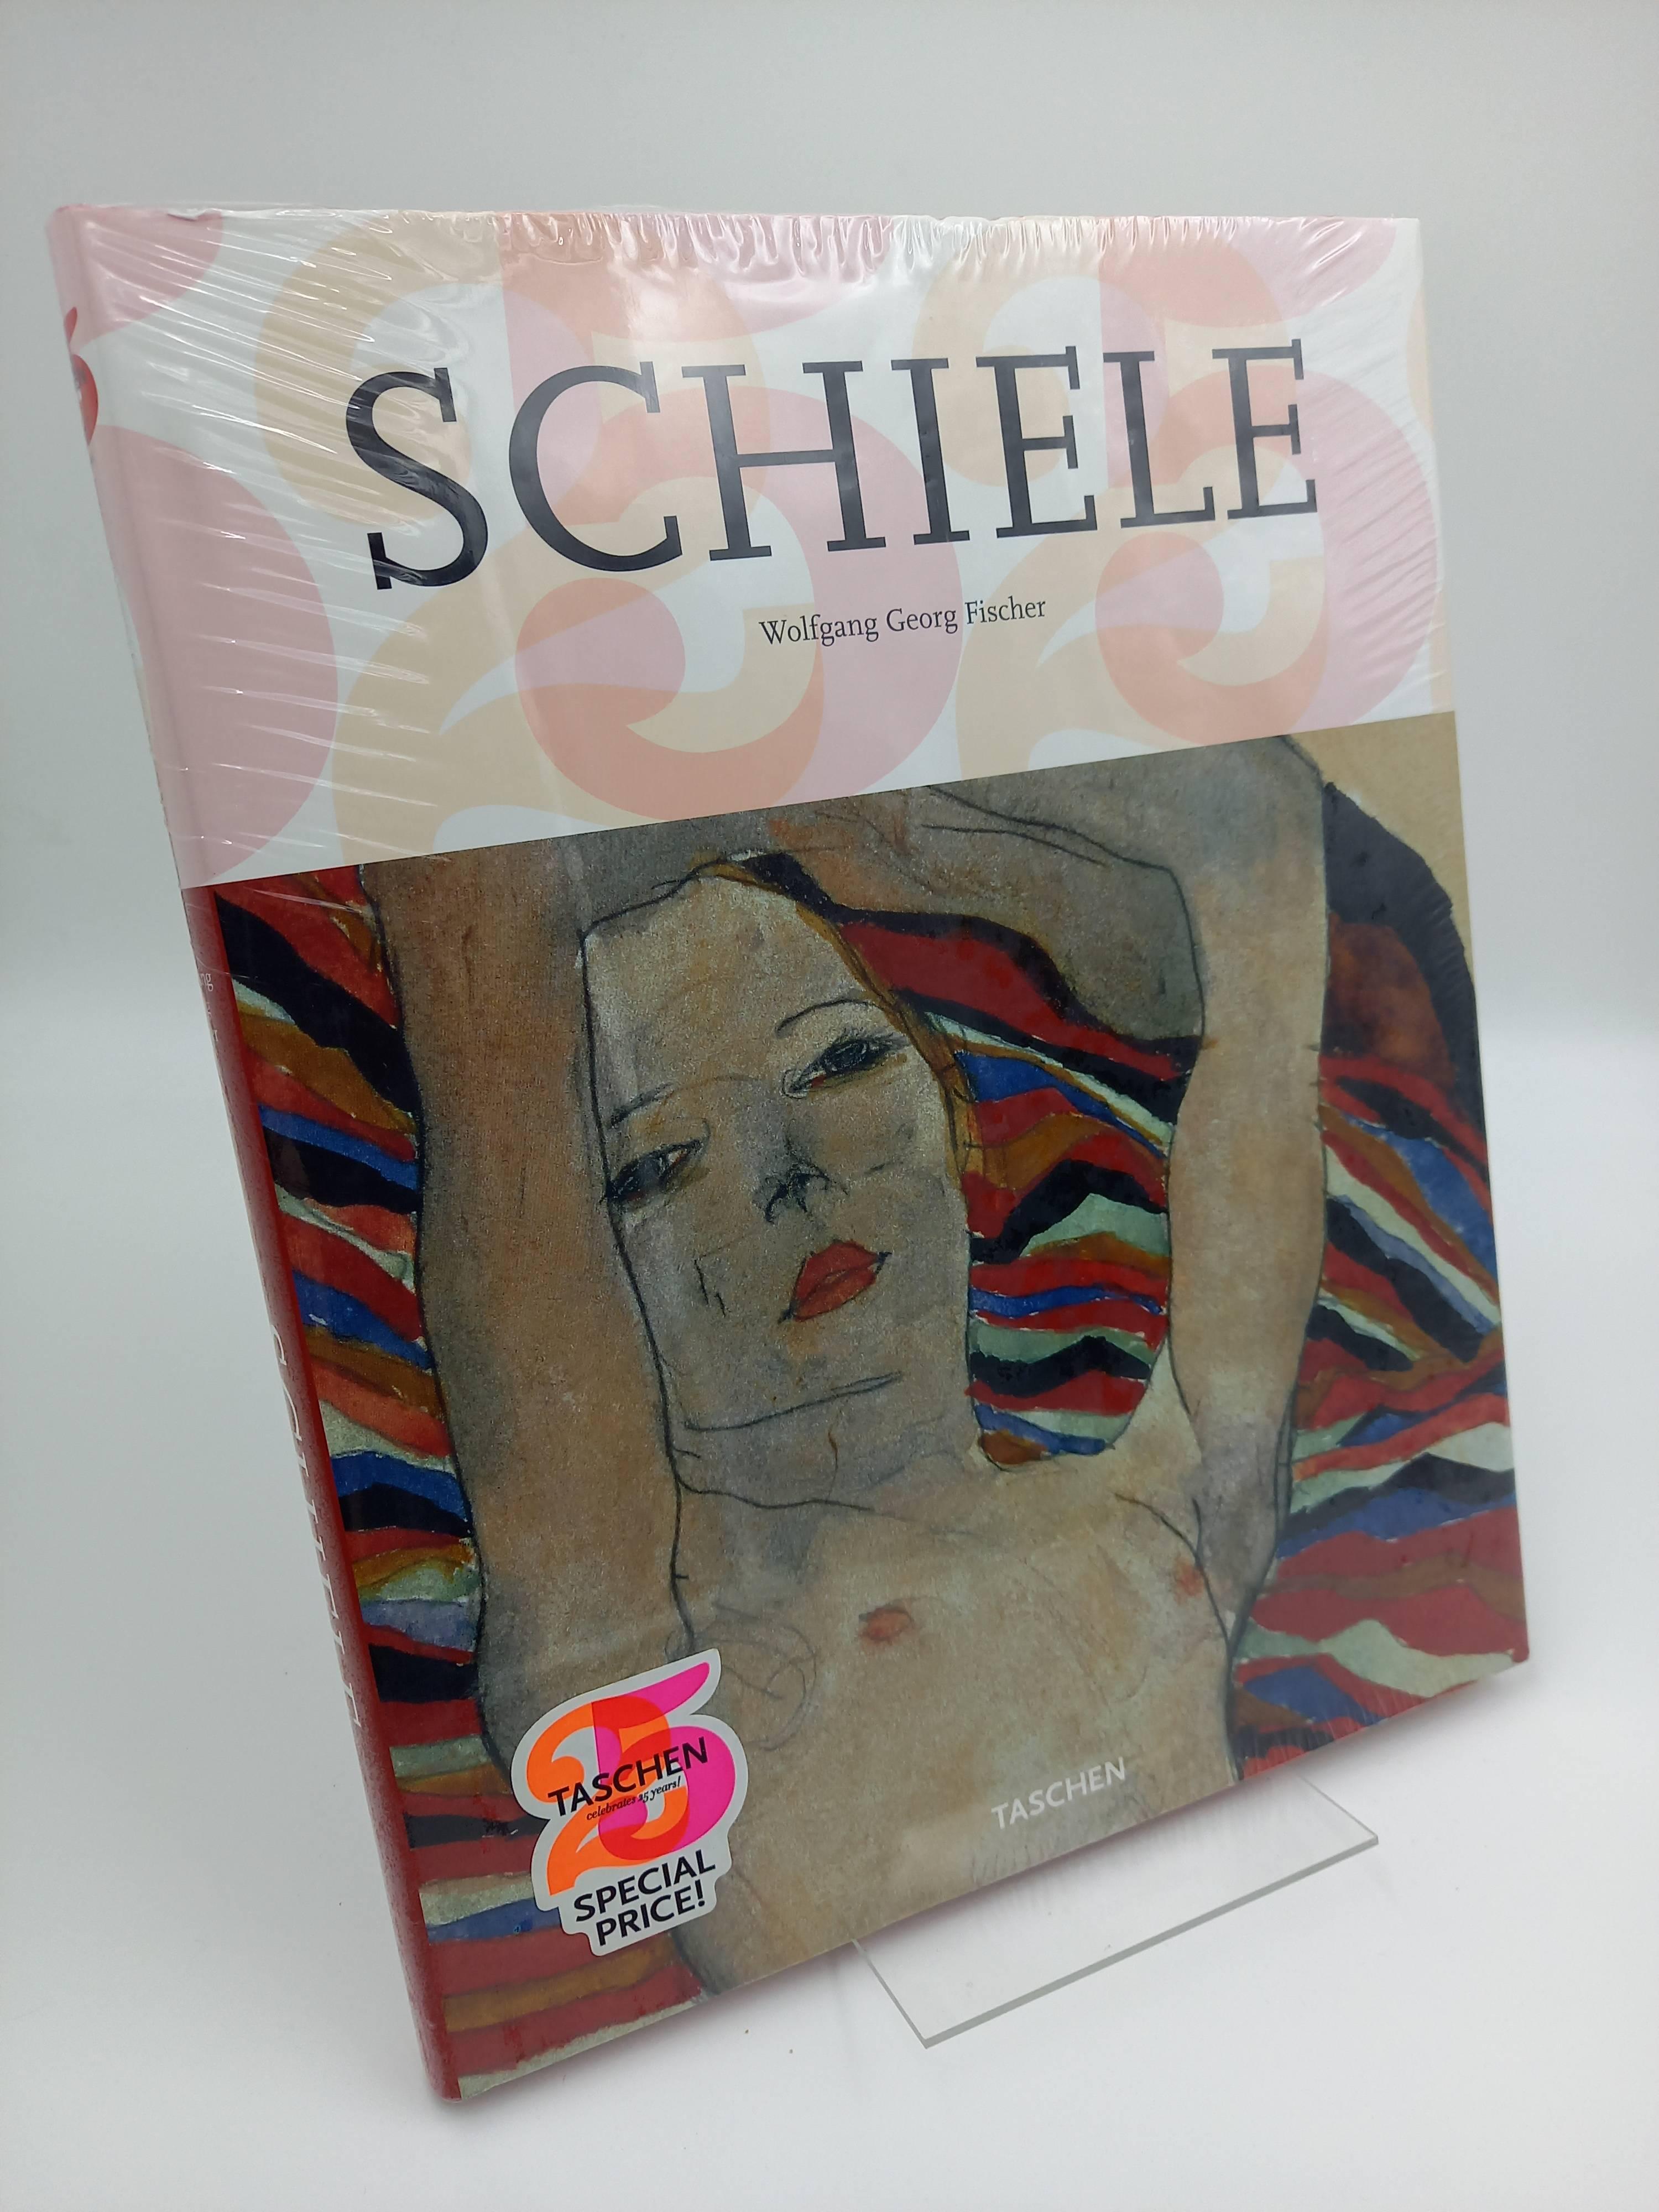 Schiele, Egon /// Wolfgang Georg Fischer Schiele (Italienische Ausgabe)